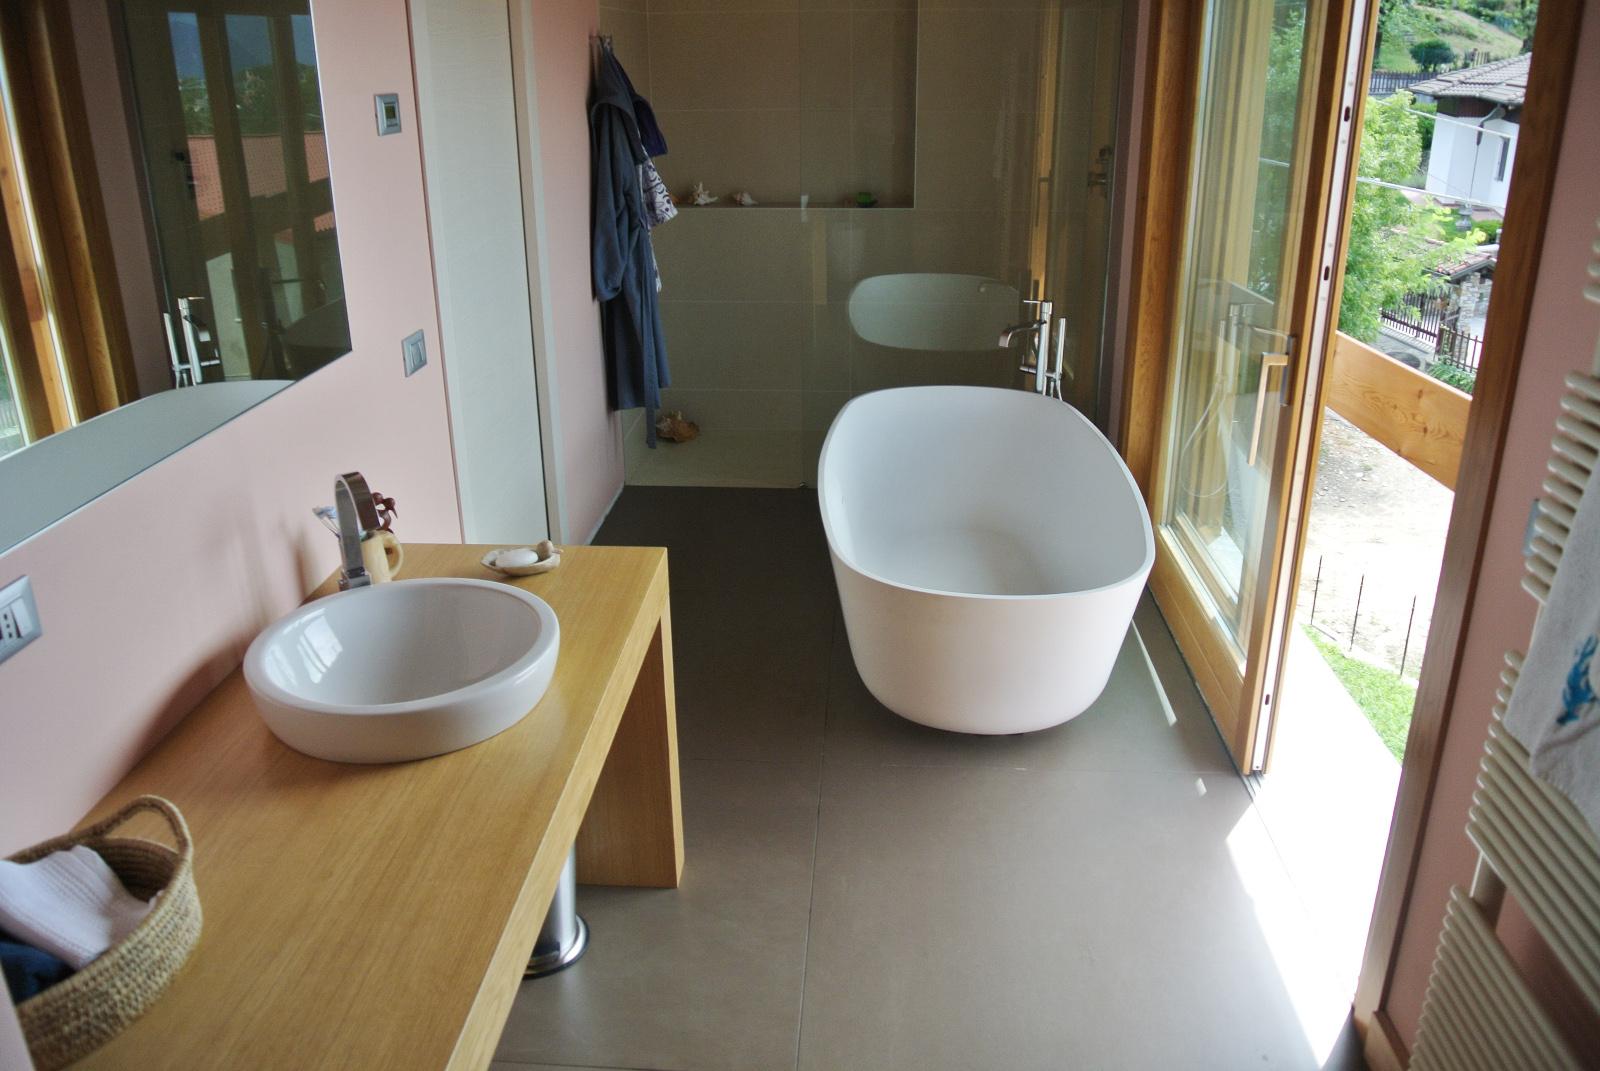 sintesibagno2bis-verbania-lago-maggiore-svizzera-arredobagno-canton-ticino-bagno-vasca-centro-stanza